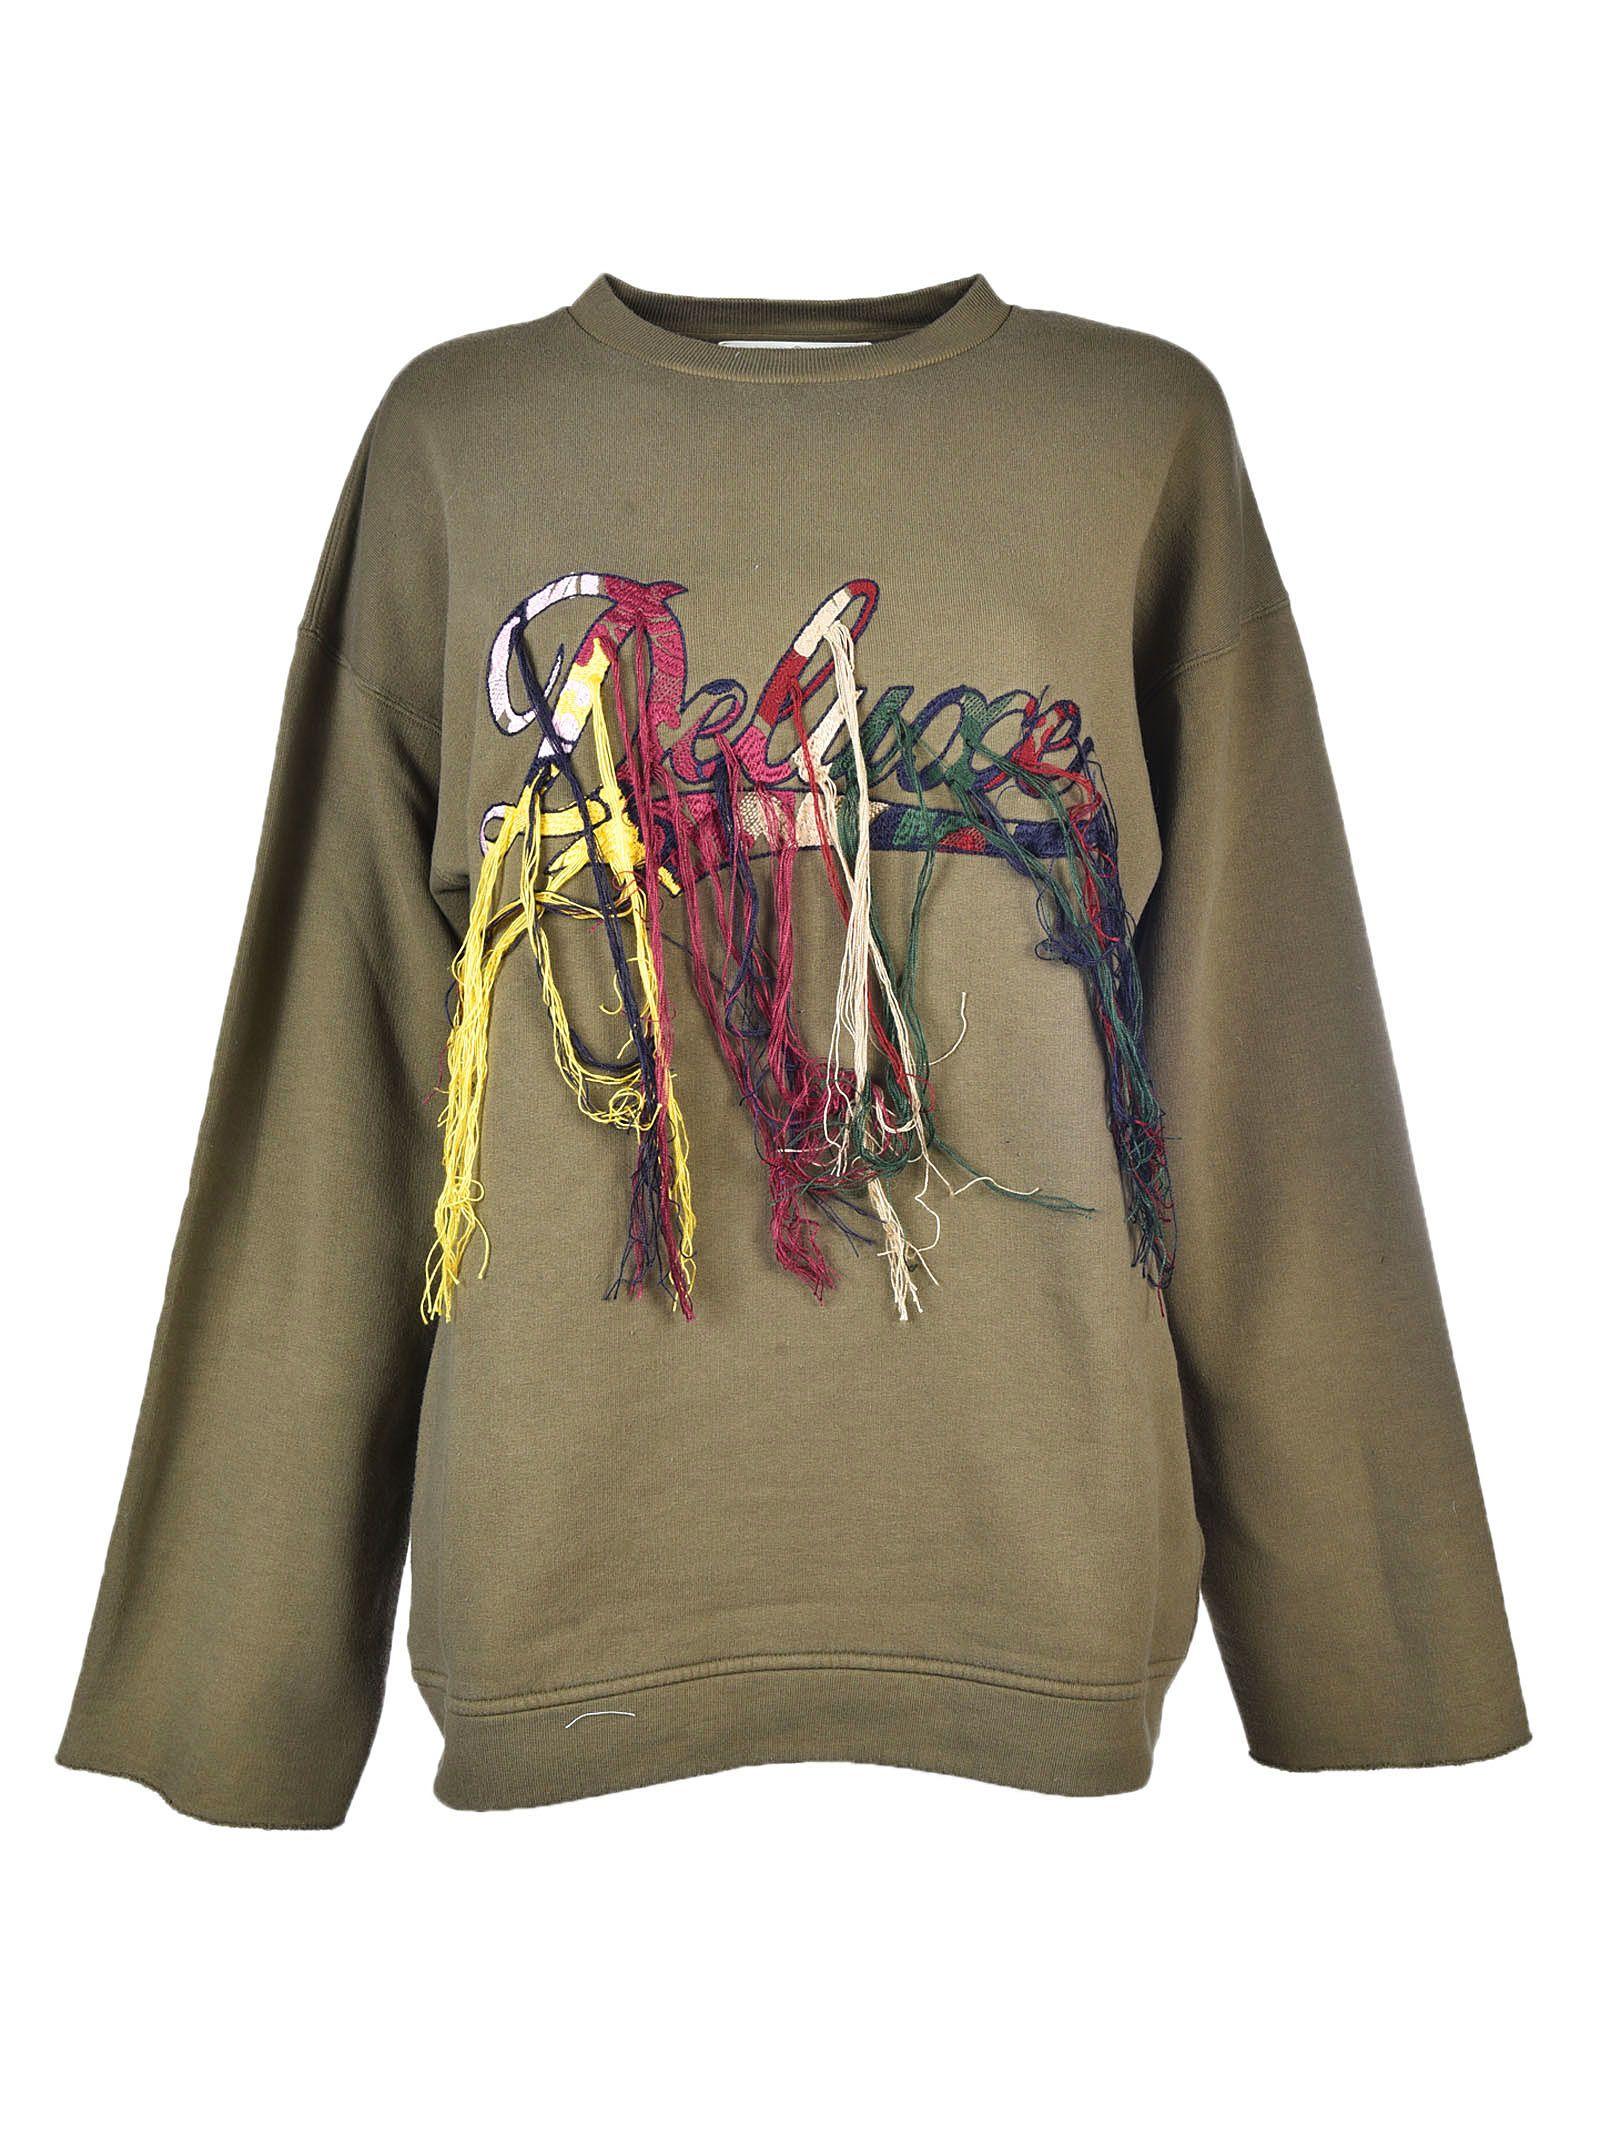 Golden Goose Embroidered Deluxe Sweatshirt